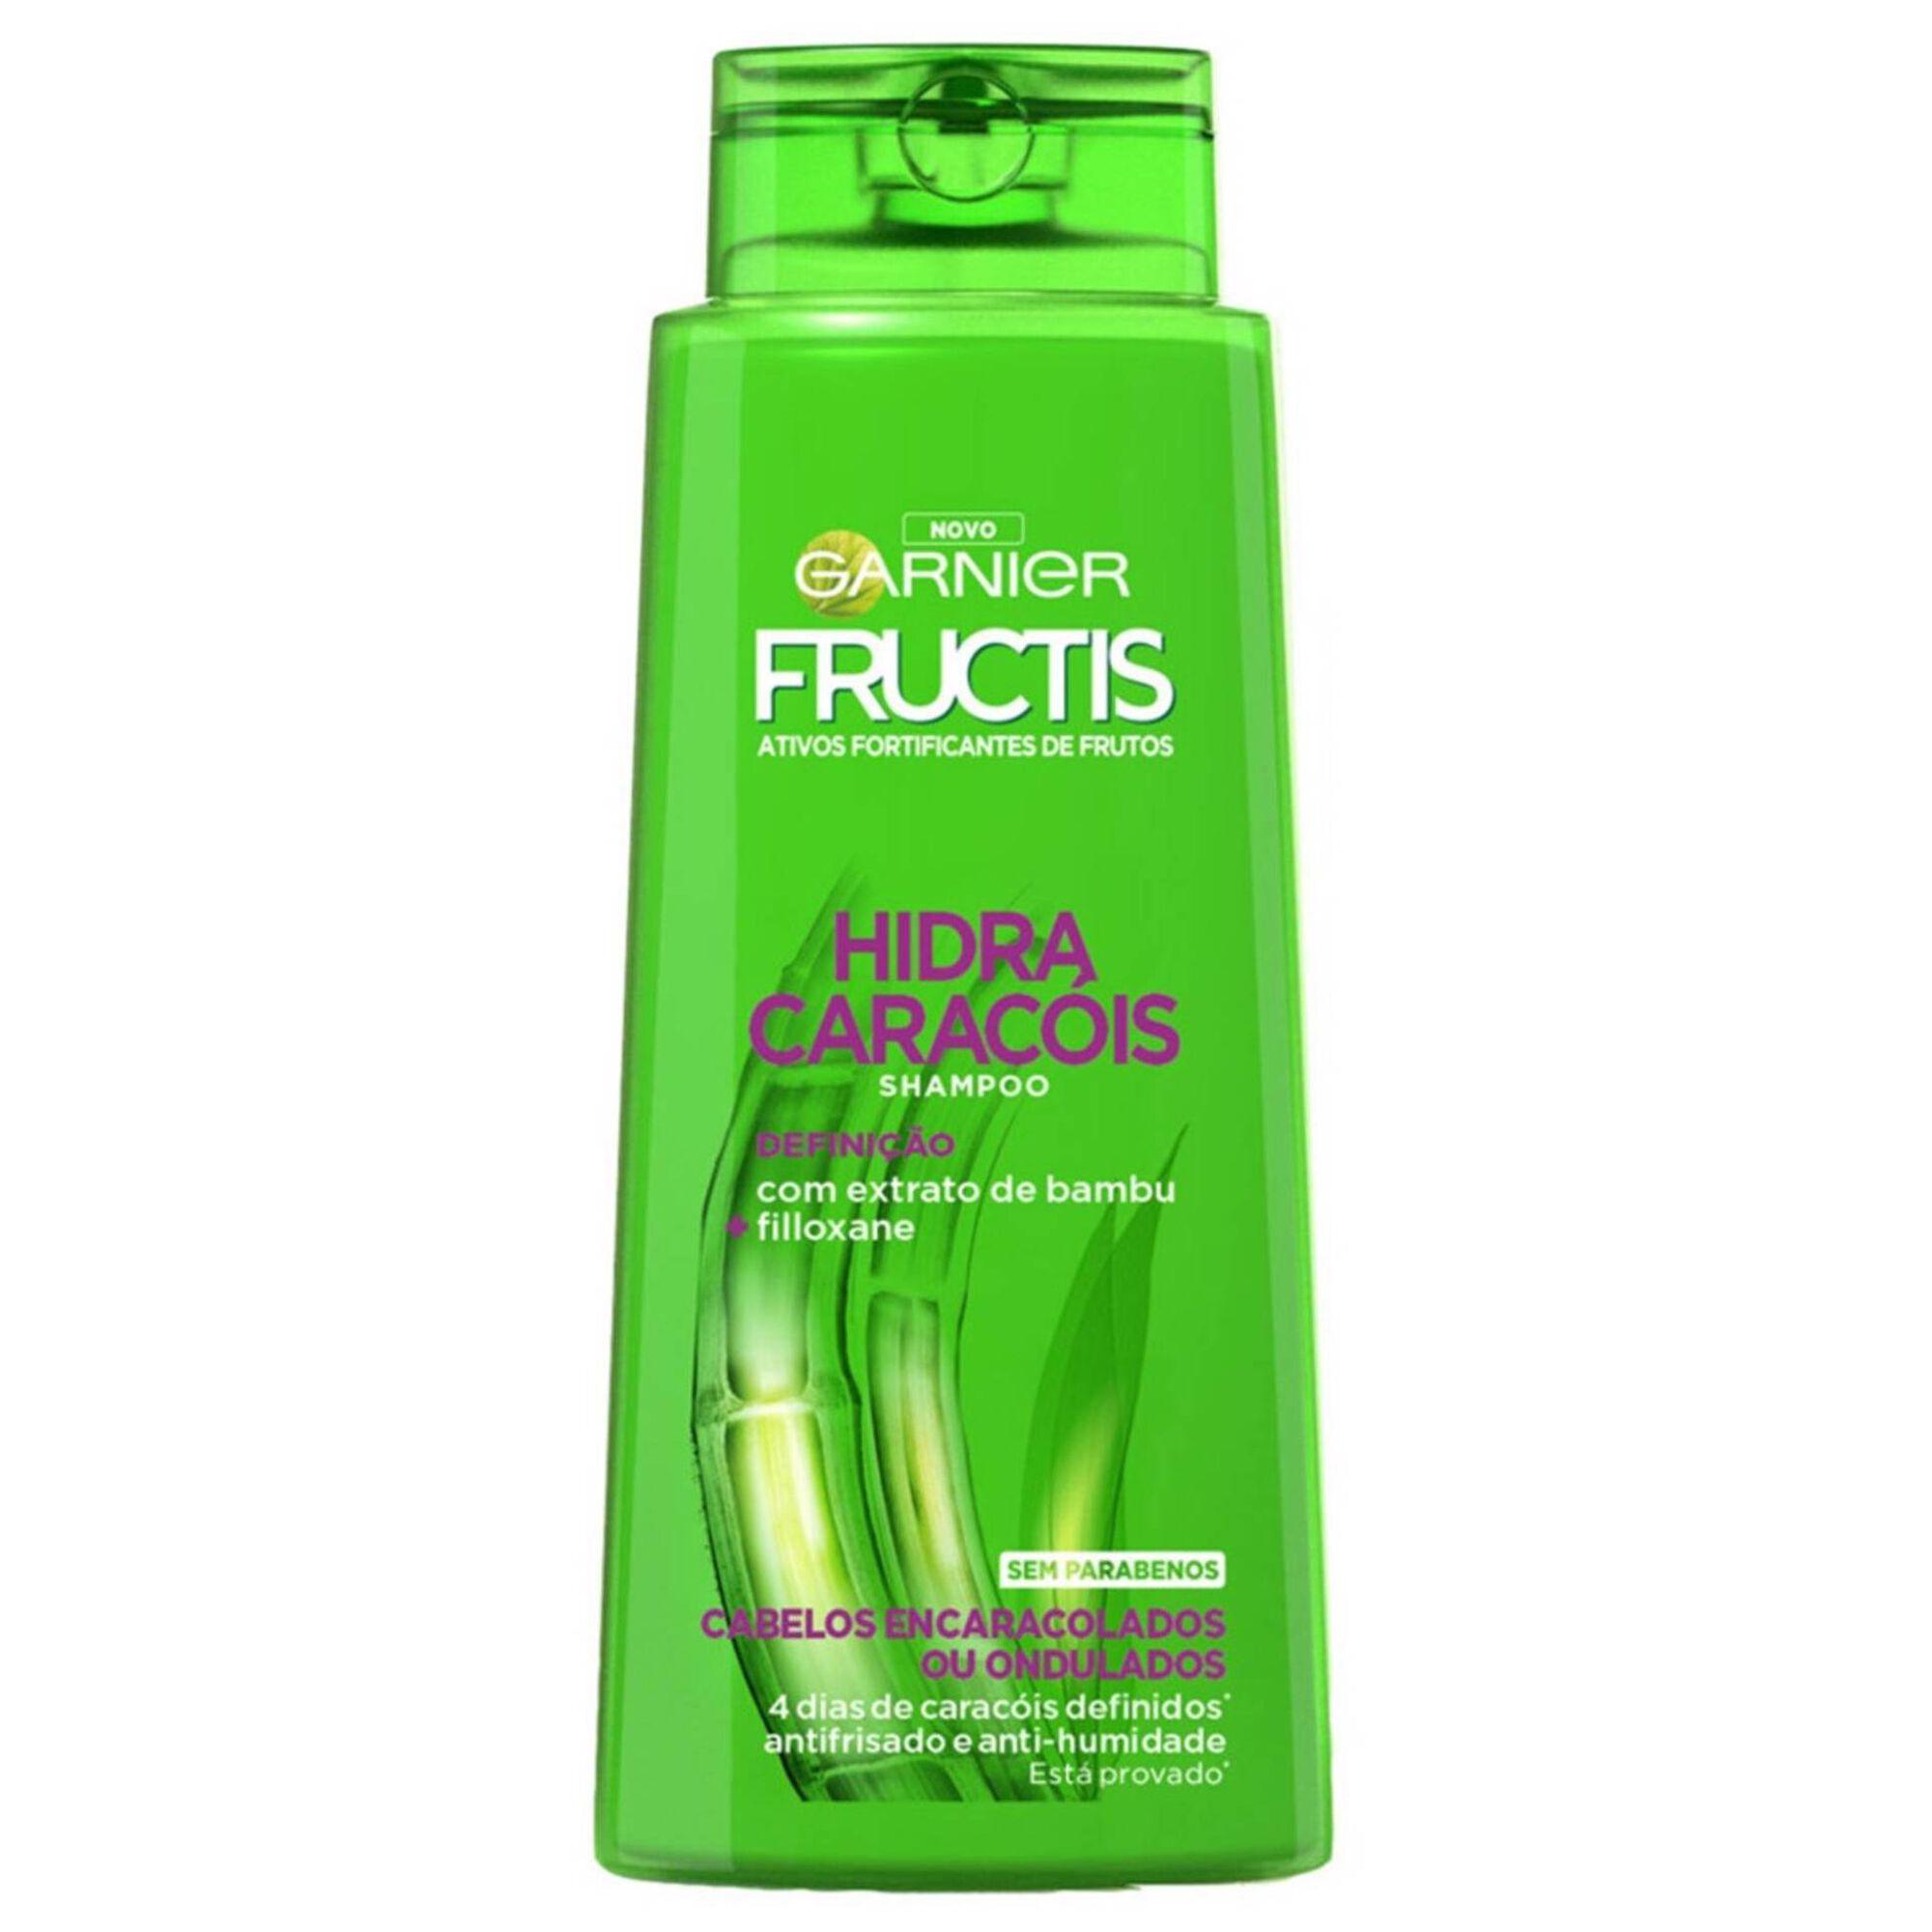 Champô Fructis Hidra Caracóis